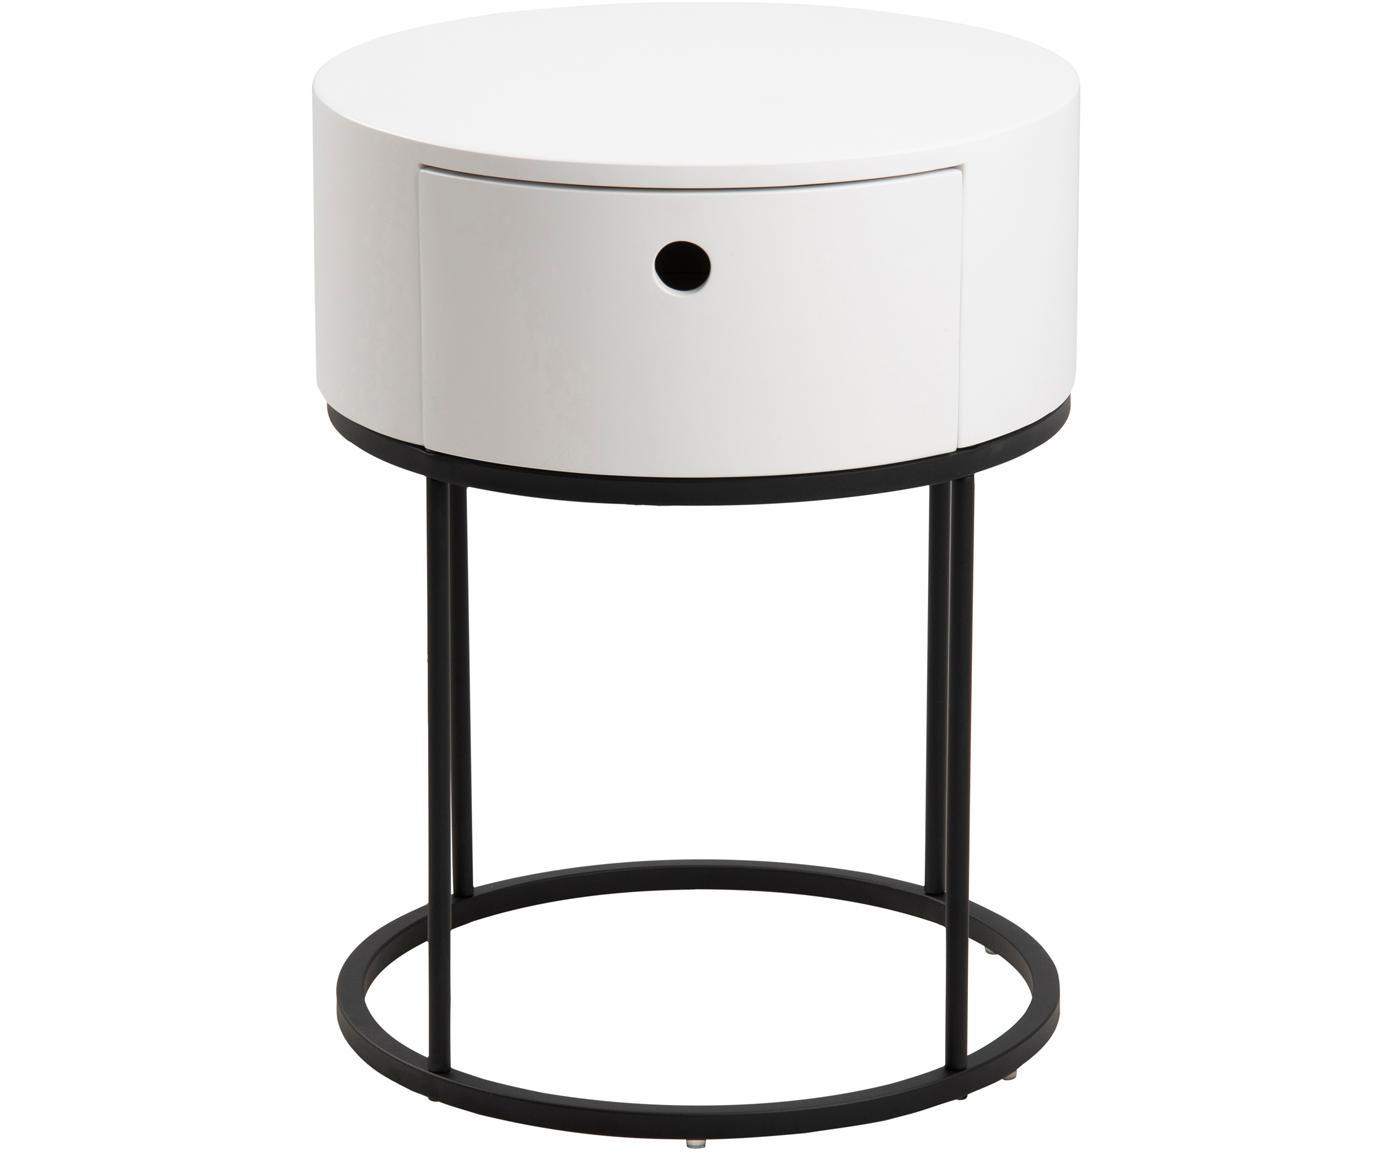 Comodino Polo, Pannello di fibra a media densità (MDF), metallo verniciato a polvere, Bianco, Ø 40 x Alt. 51 cm